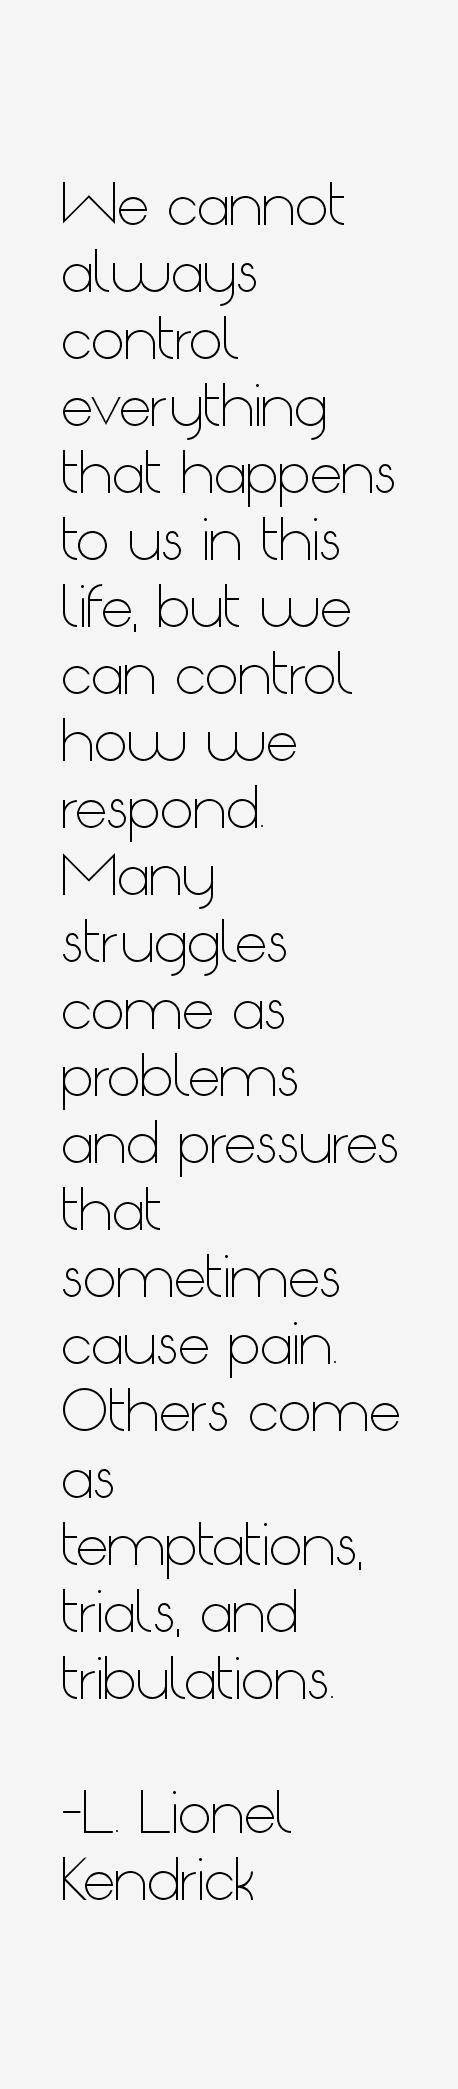 L. Lionel Kendrick Quotes